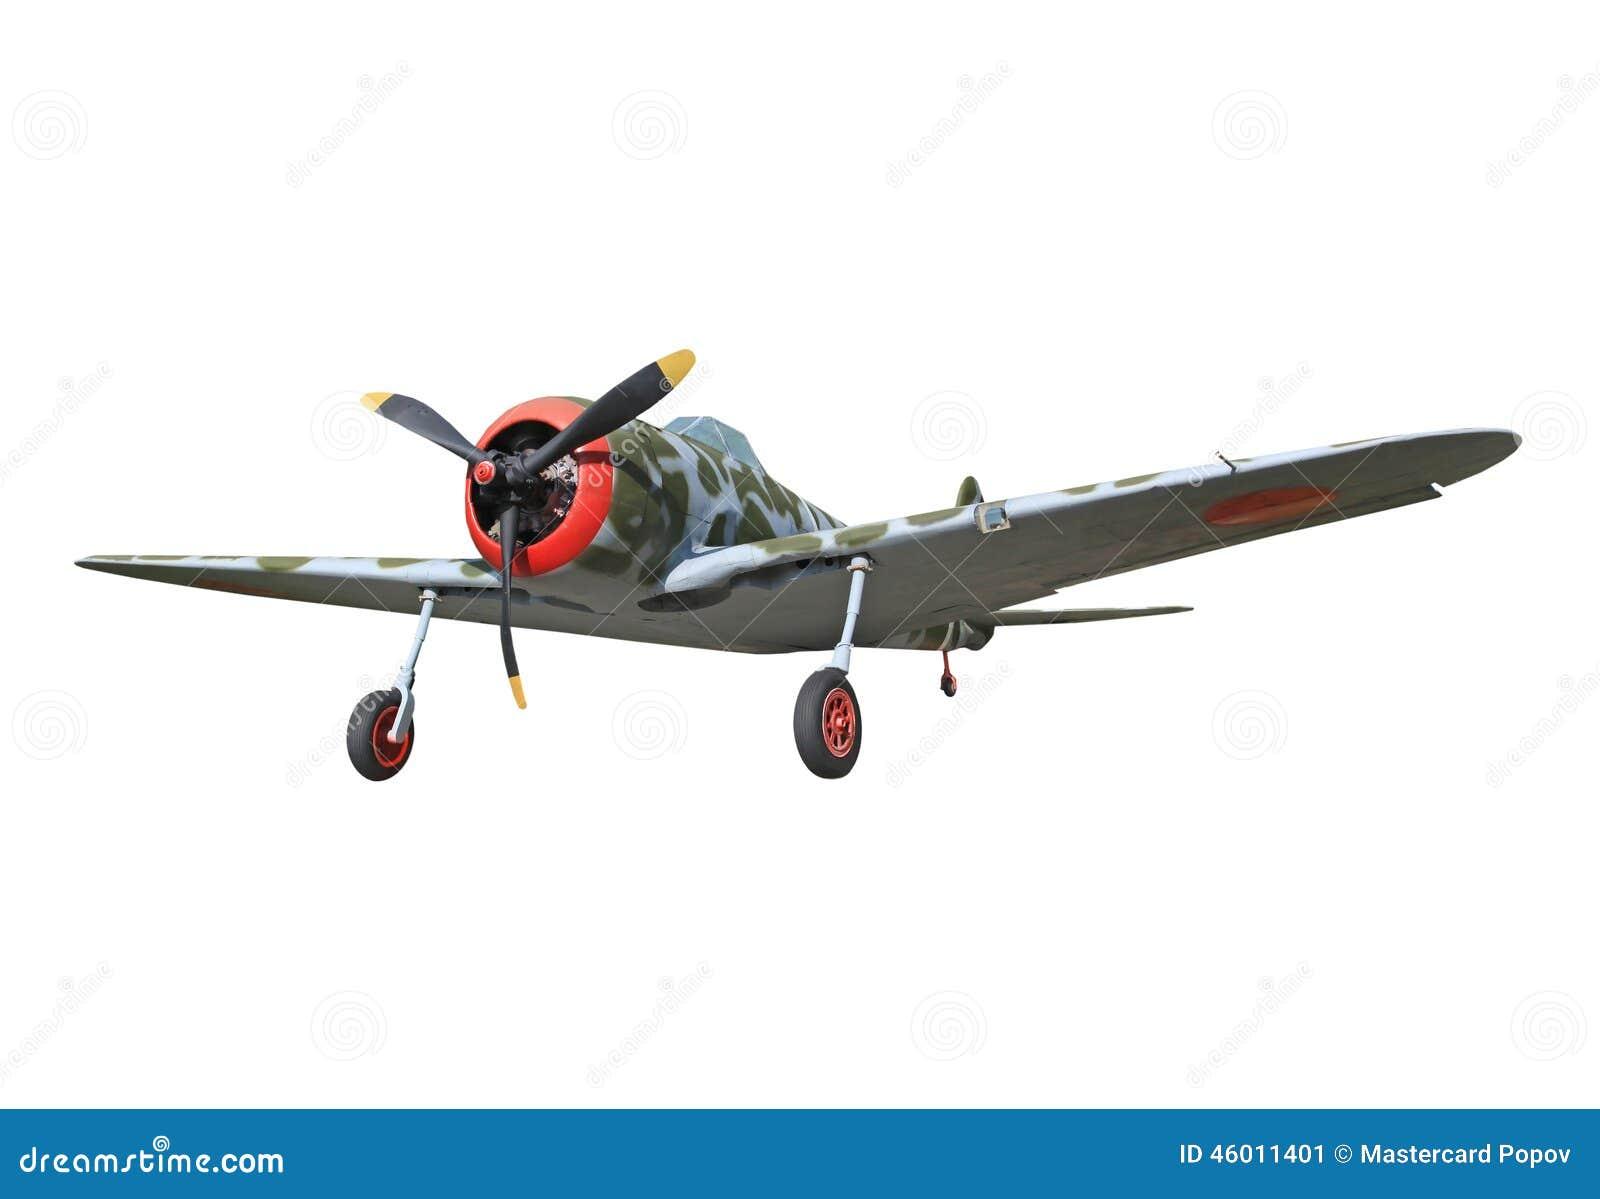 Avions japonais de vintage de la deuxi me guerre mondiale - Porte avion japonais seconde guerre mondiale ...